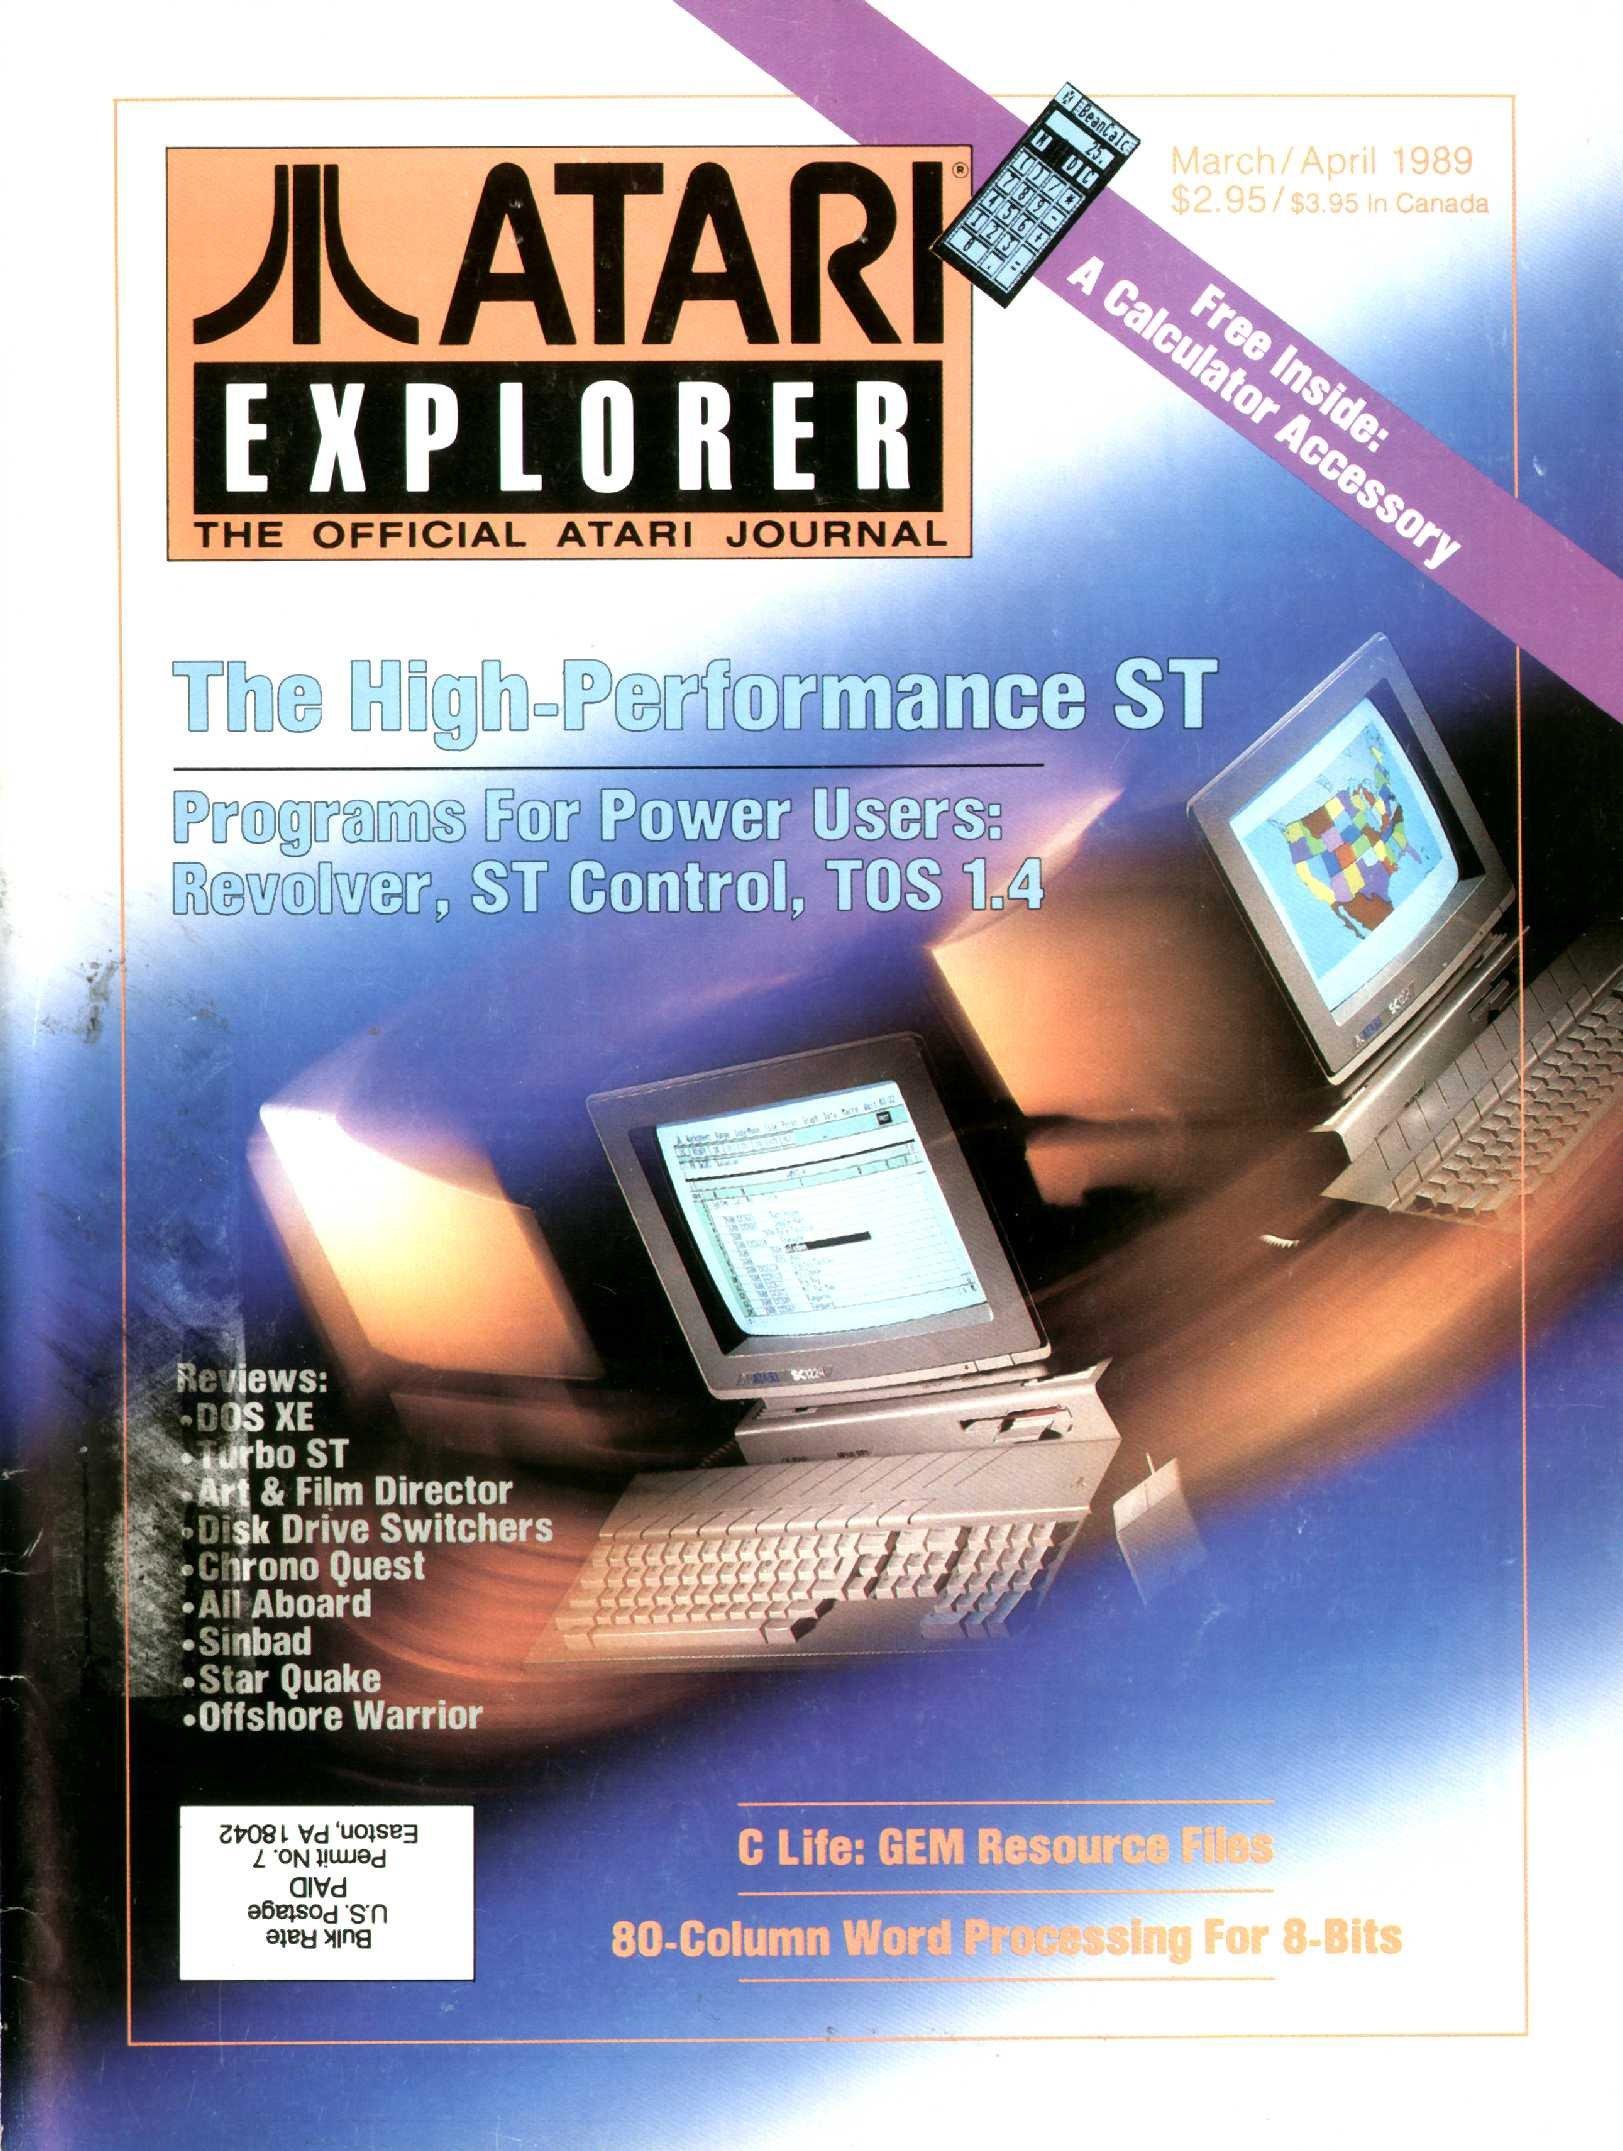 Atari Explorer Issue 19 (March / April 1989)